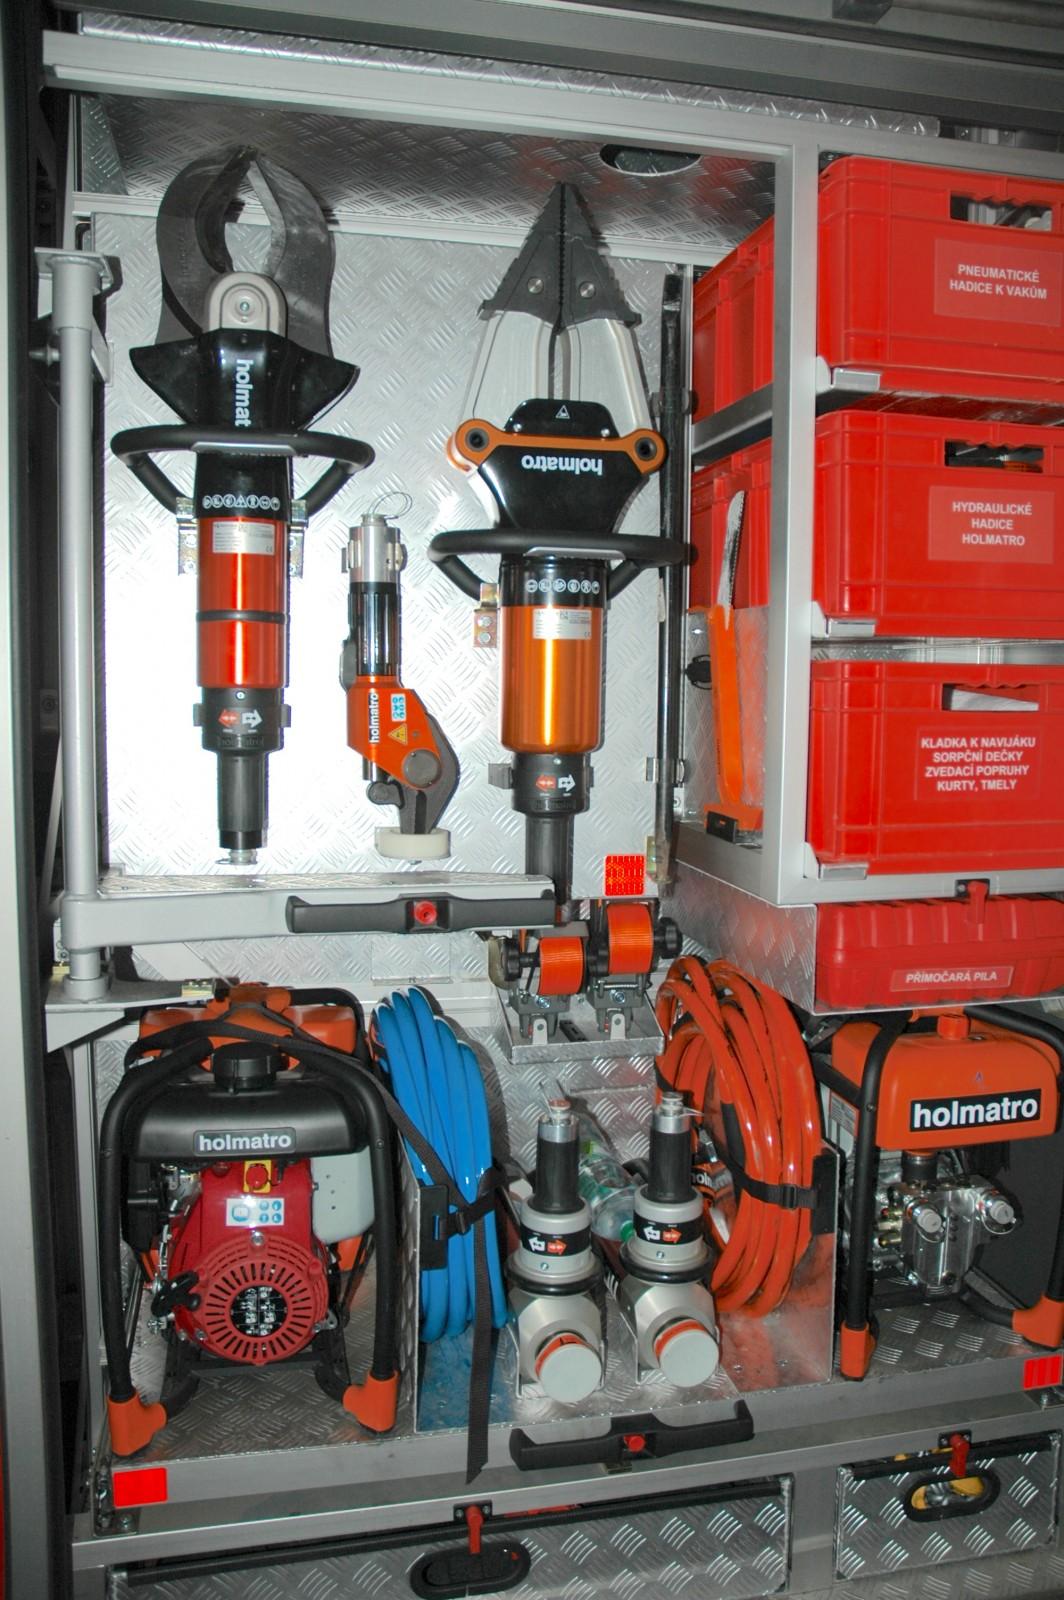 Vybavení hasičů   Foto: Swell